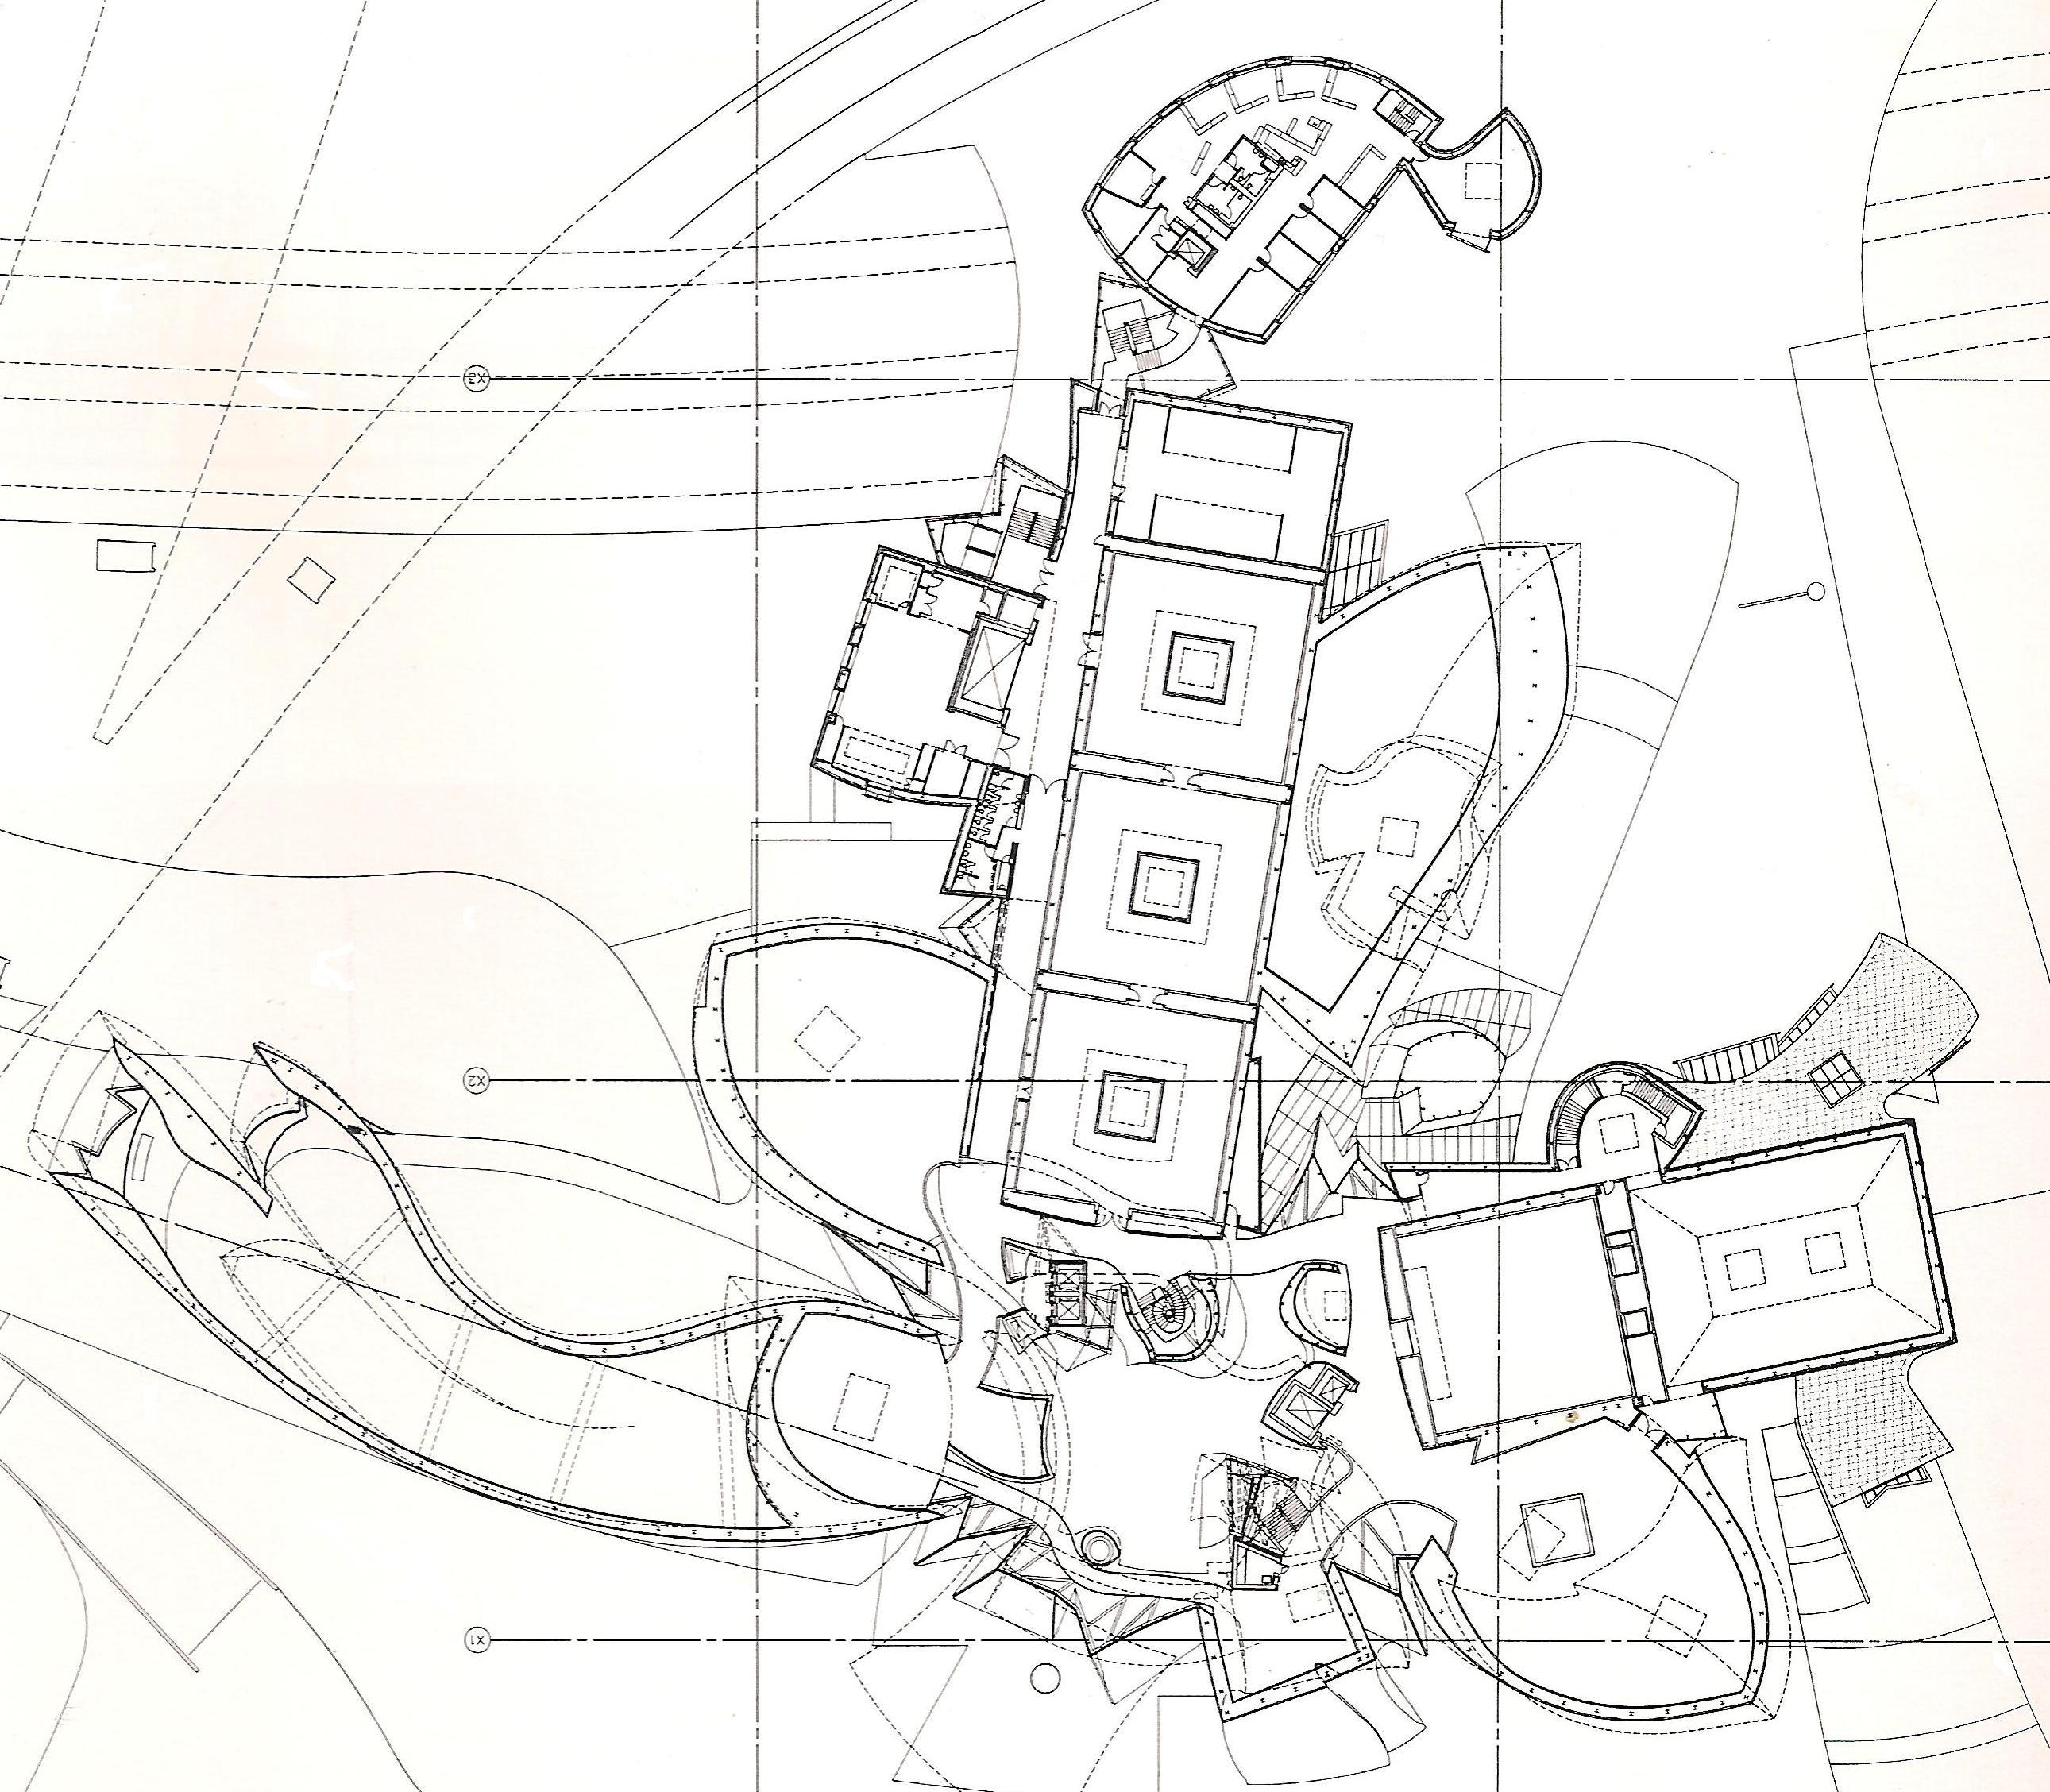 2581x2256 Guggenheim Bilbao Frank Gehry 1997 Museum Plans